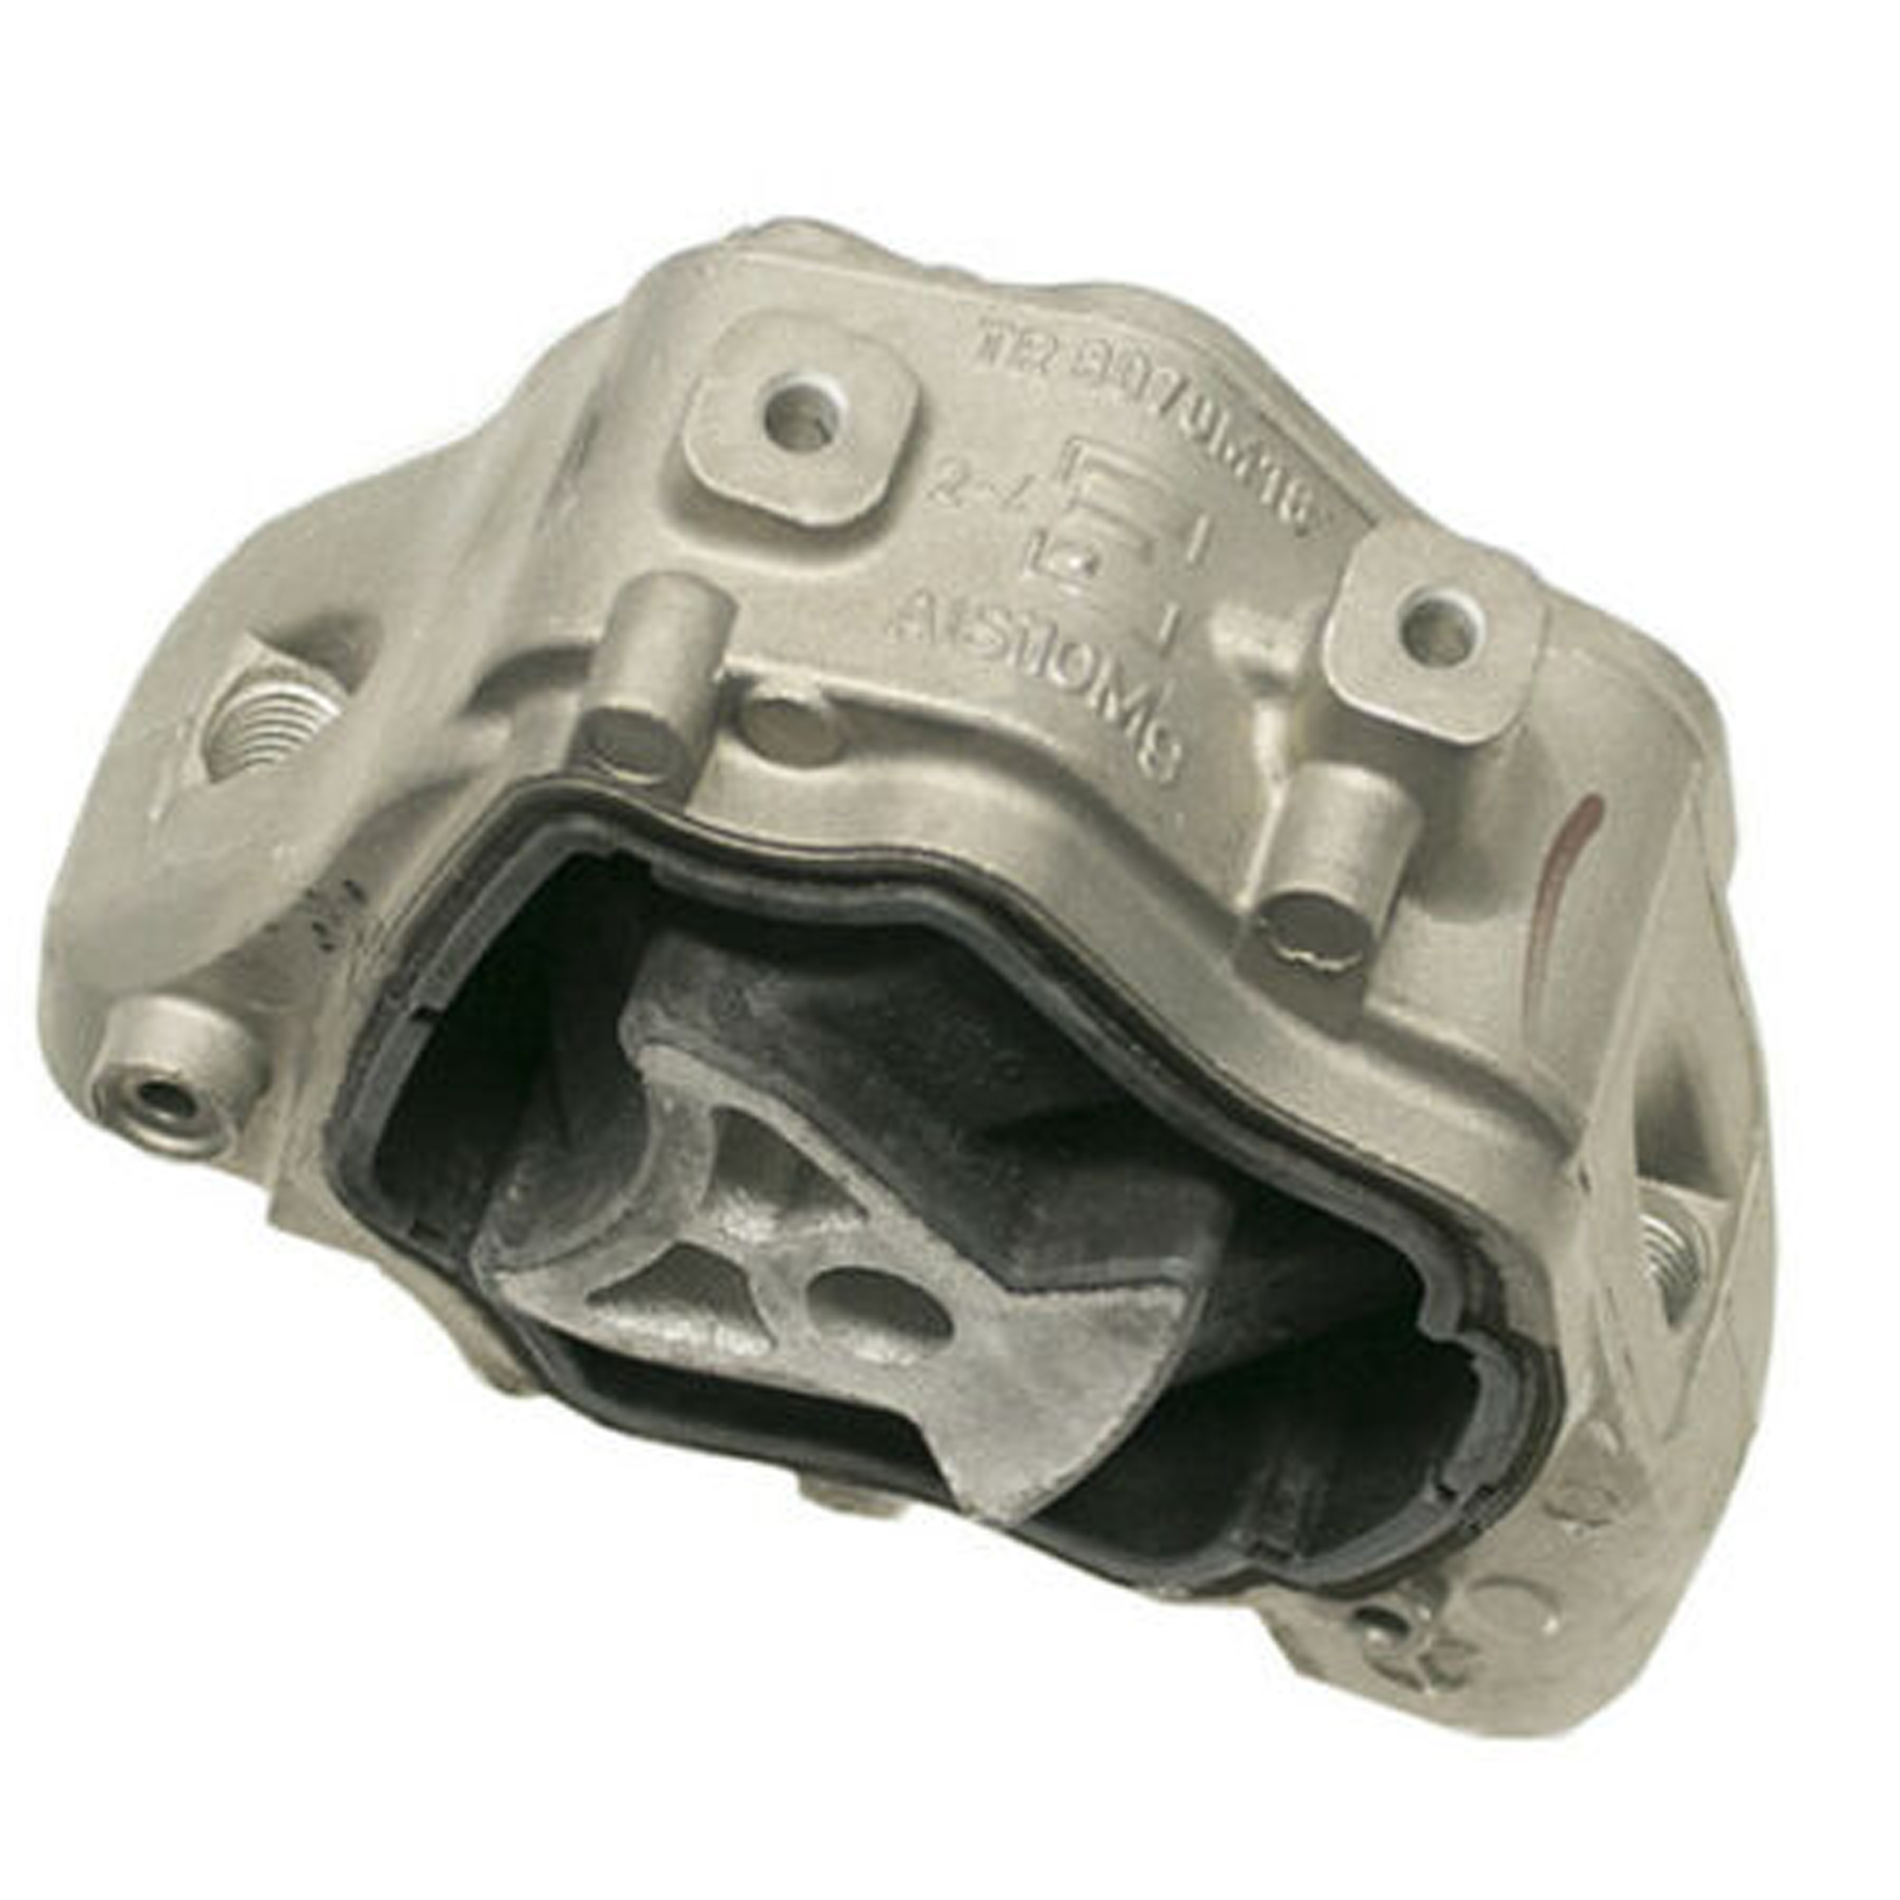 Engine Motor Mount Set For 4070 MK167 Volvo S60 S80 V70 SC60 XC70 Land Rover LR2